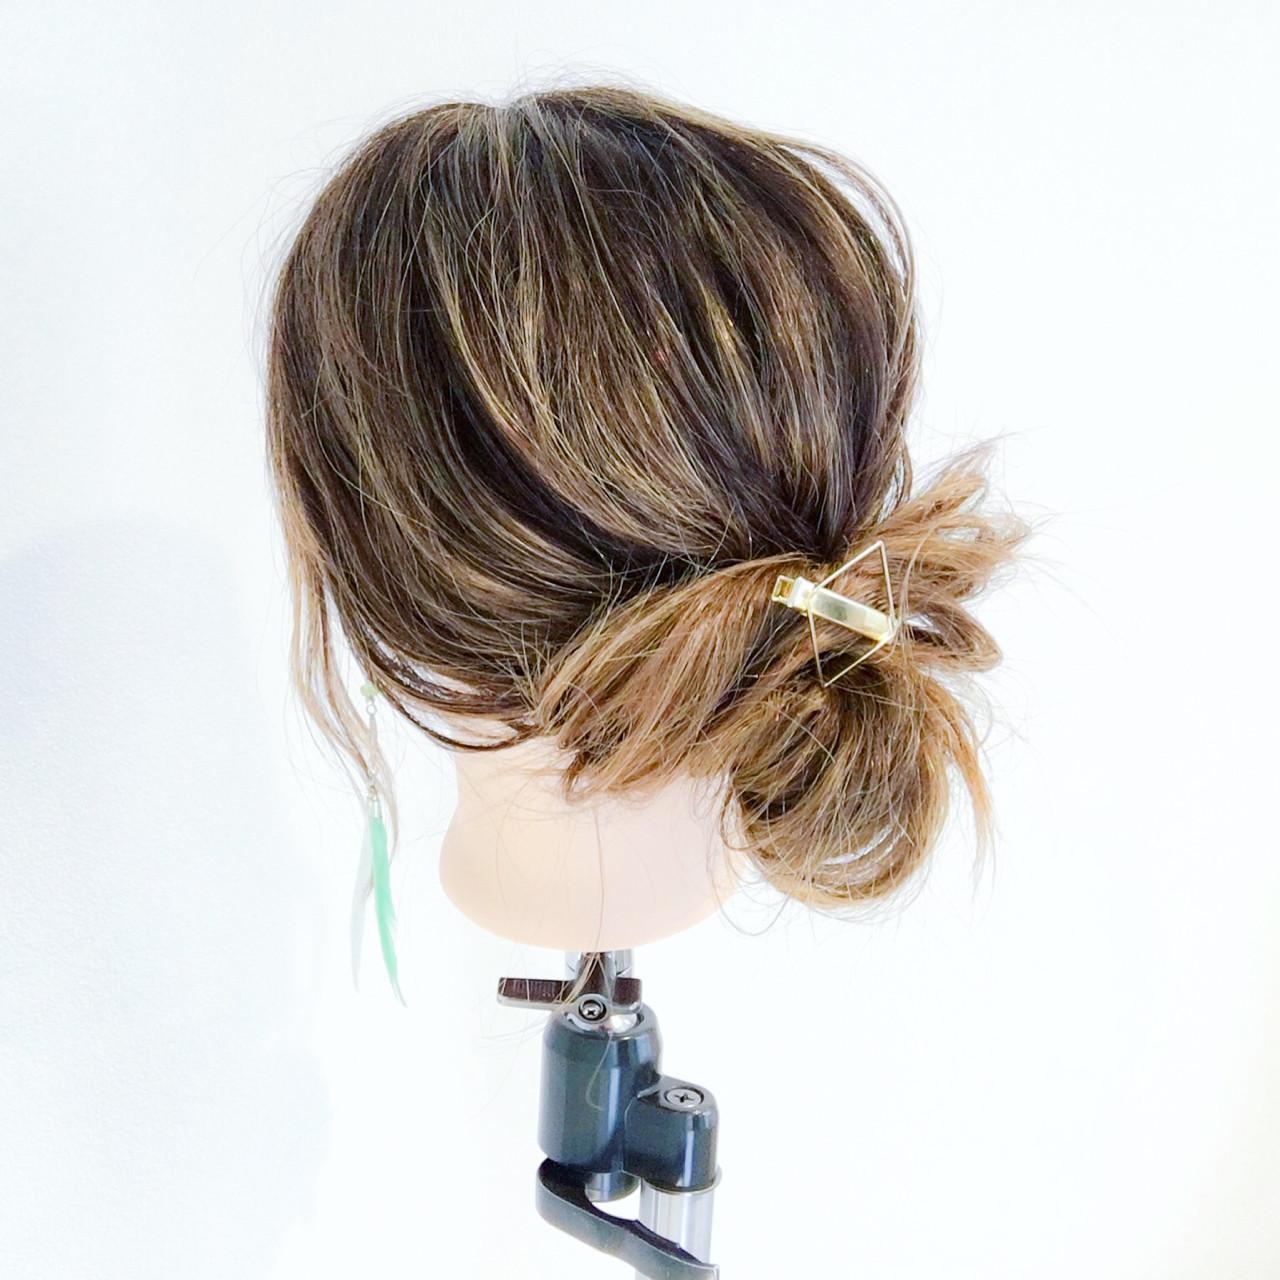 セミロング ショート デート 簡単ヘアアレンジ ヘアスタイルや髪型の写真・画像